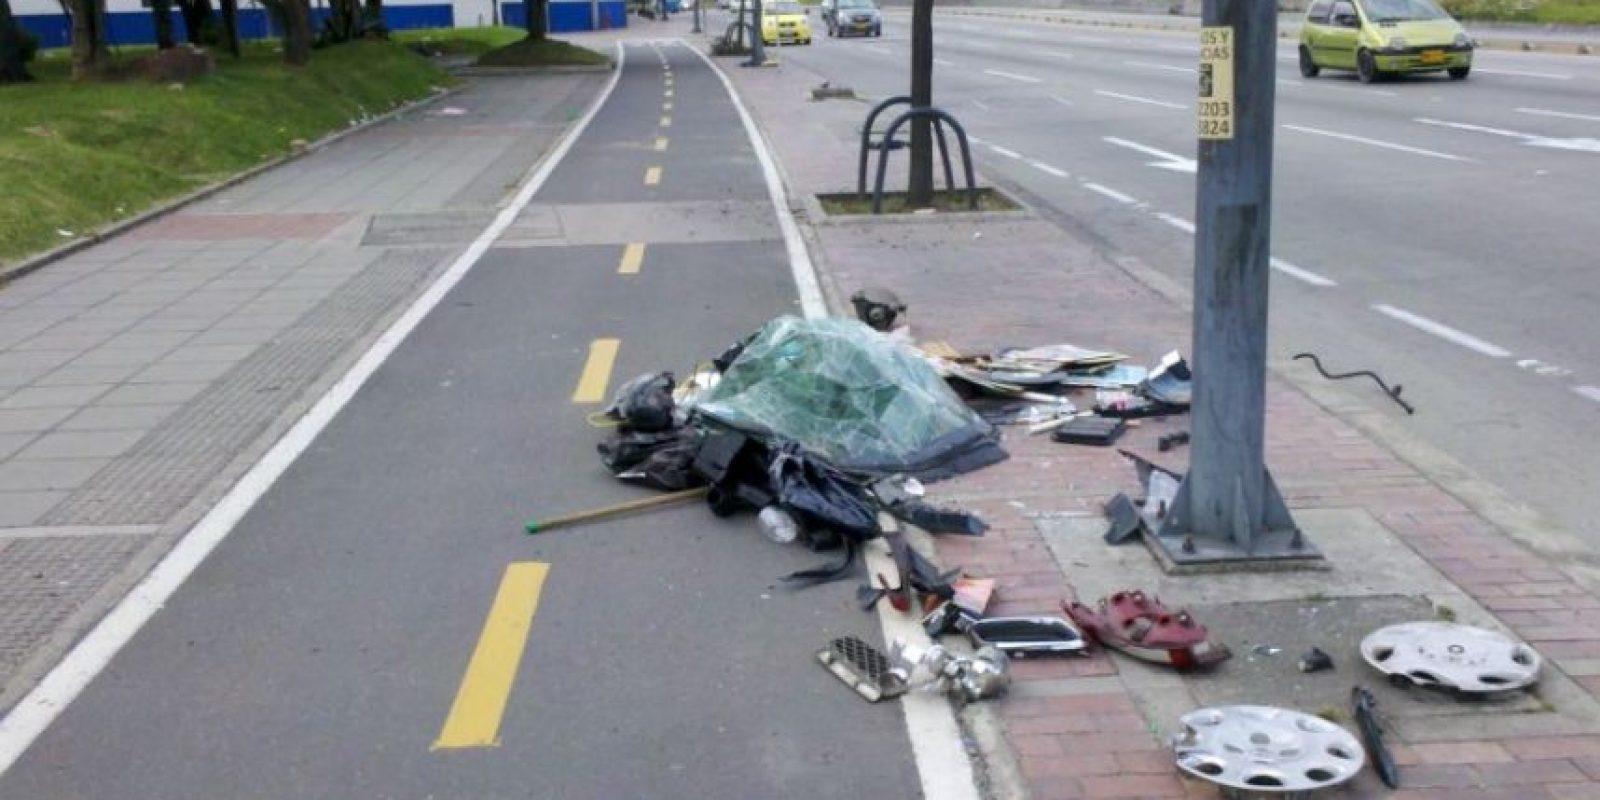 En el sector NQS con Cl79 es común encontrar vidríos y basuras abandonadas Foto:Andrés Núñez